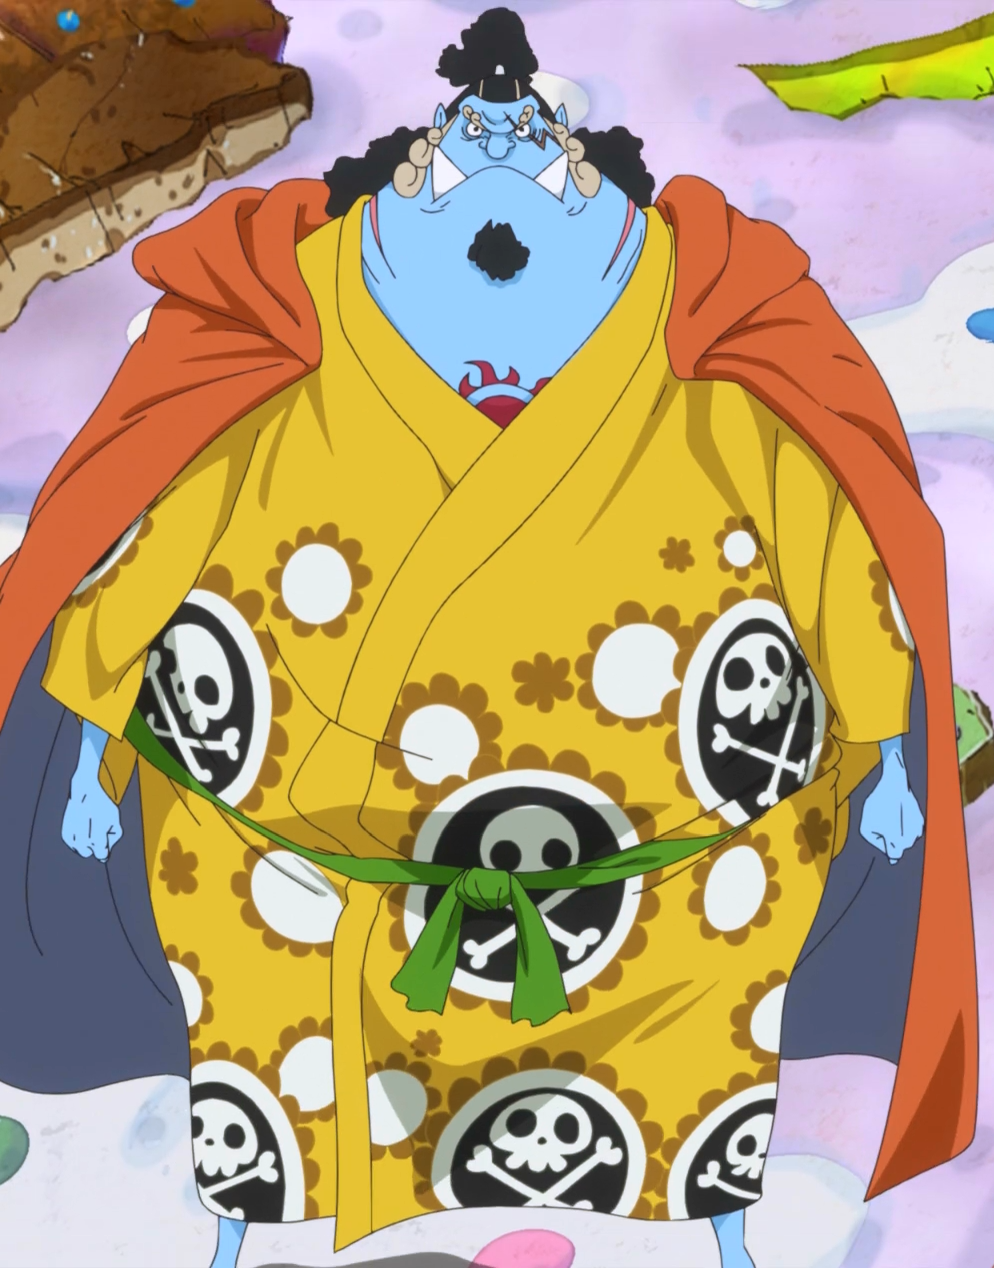 Jinbe - One Piece Encyclopedia - Wikia